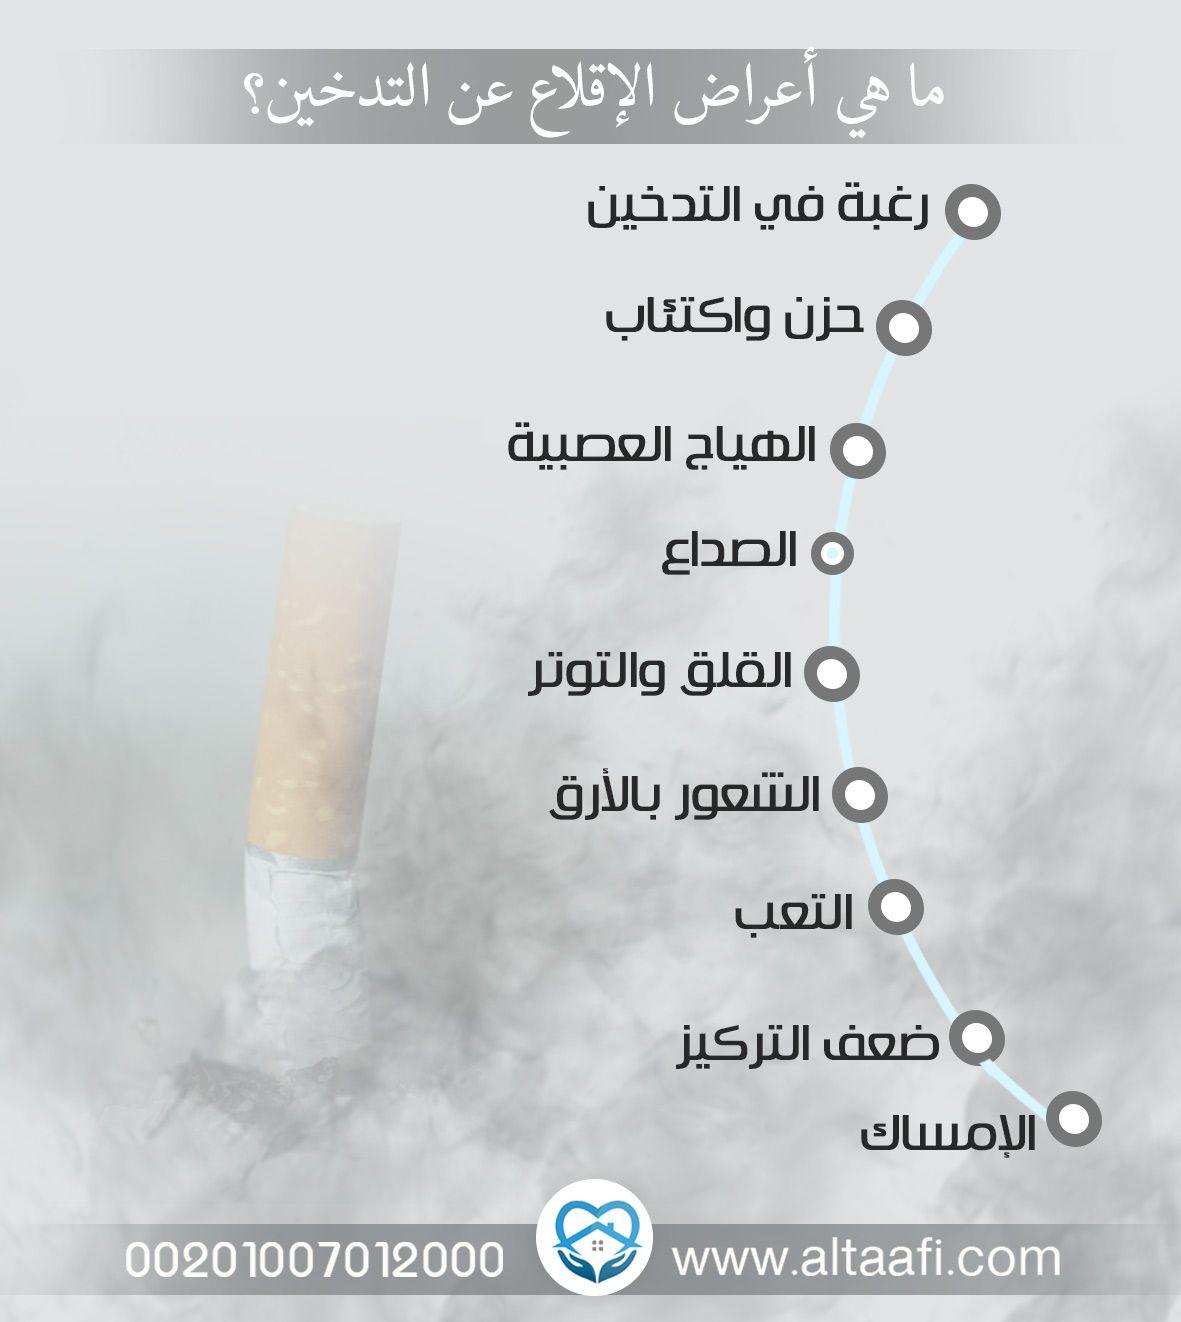 ما هي أعراض الإقلاع عن التدخين وكيفية تخطيها بسهولة في 5 خطوات Lockscreen